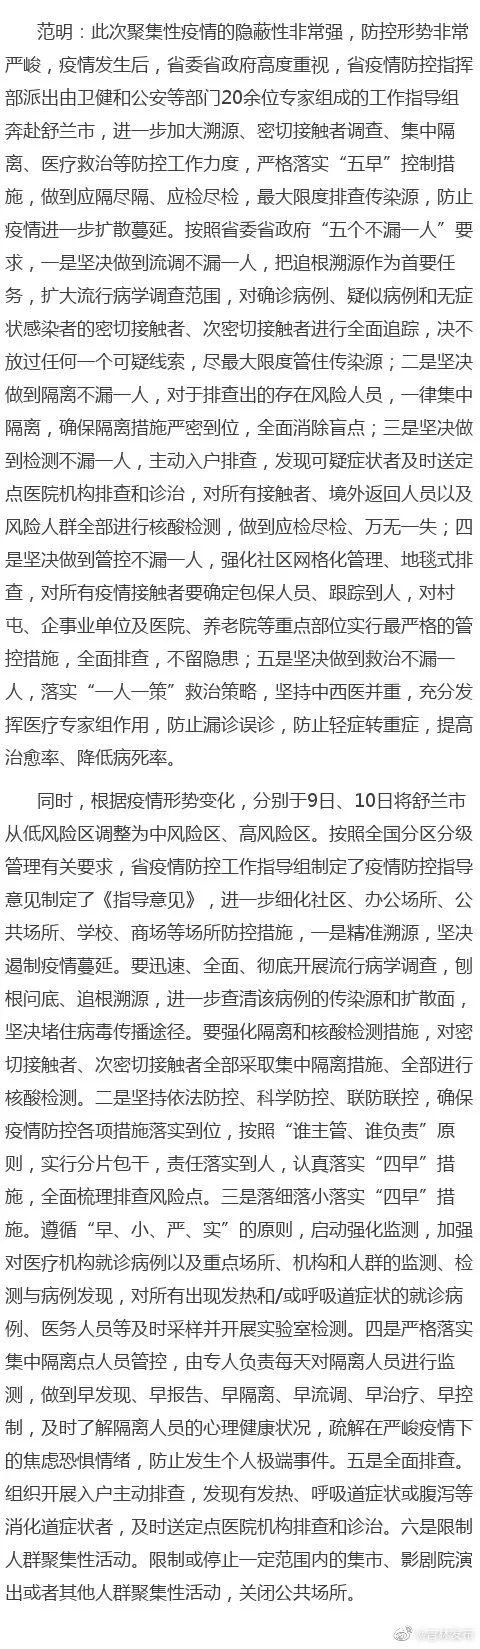 这里宣布全面进入战时状态!260人隔离!钟南山:现在正是非常困难的时候插图4